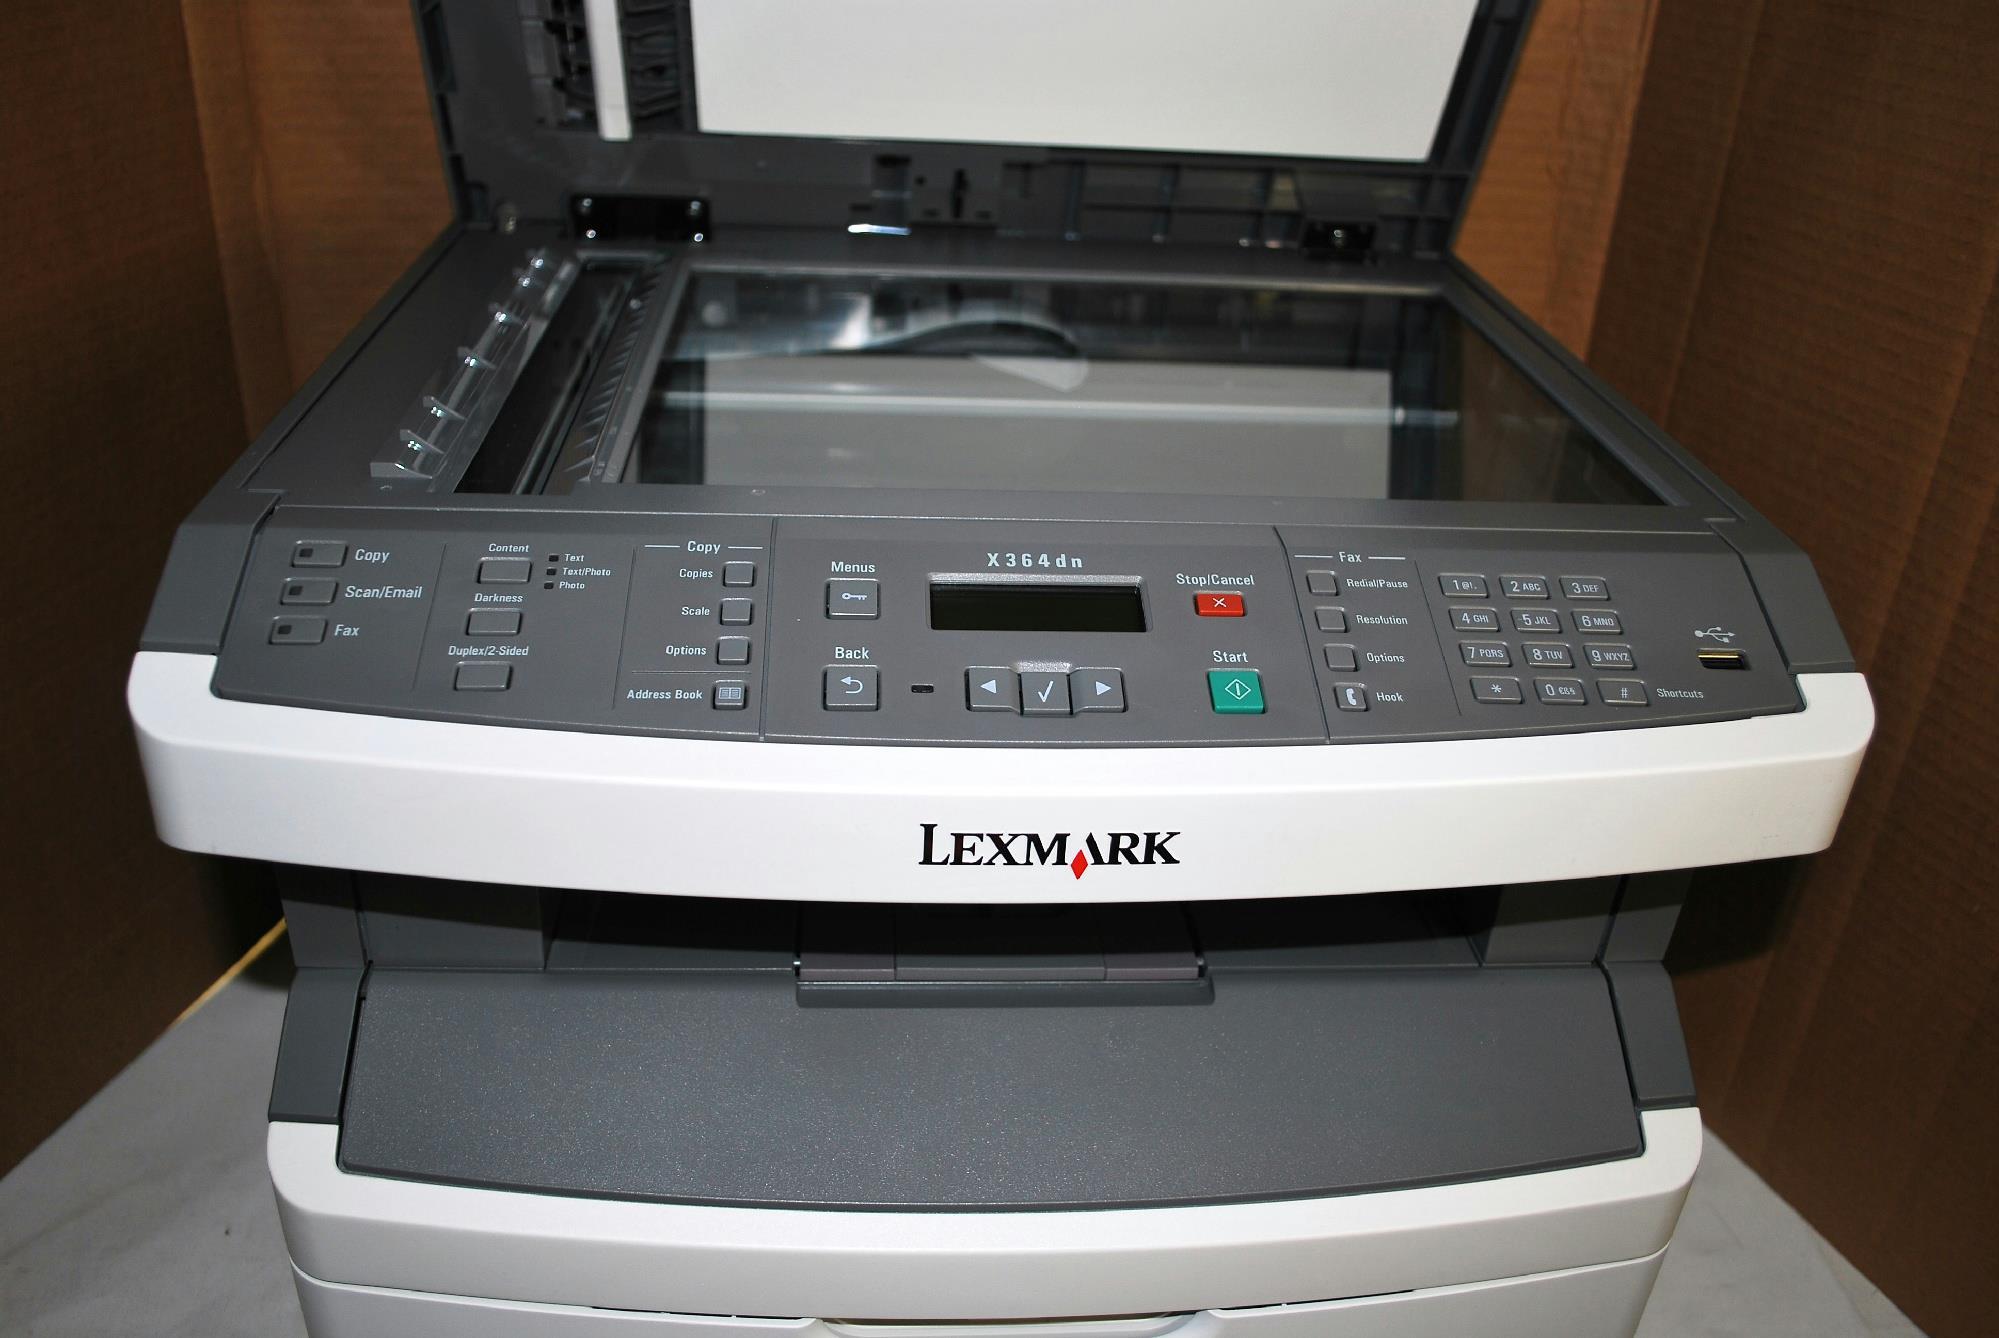 900 00 firmware error lexmark t654 Full guides for ...